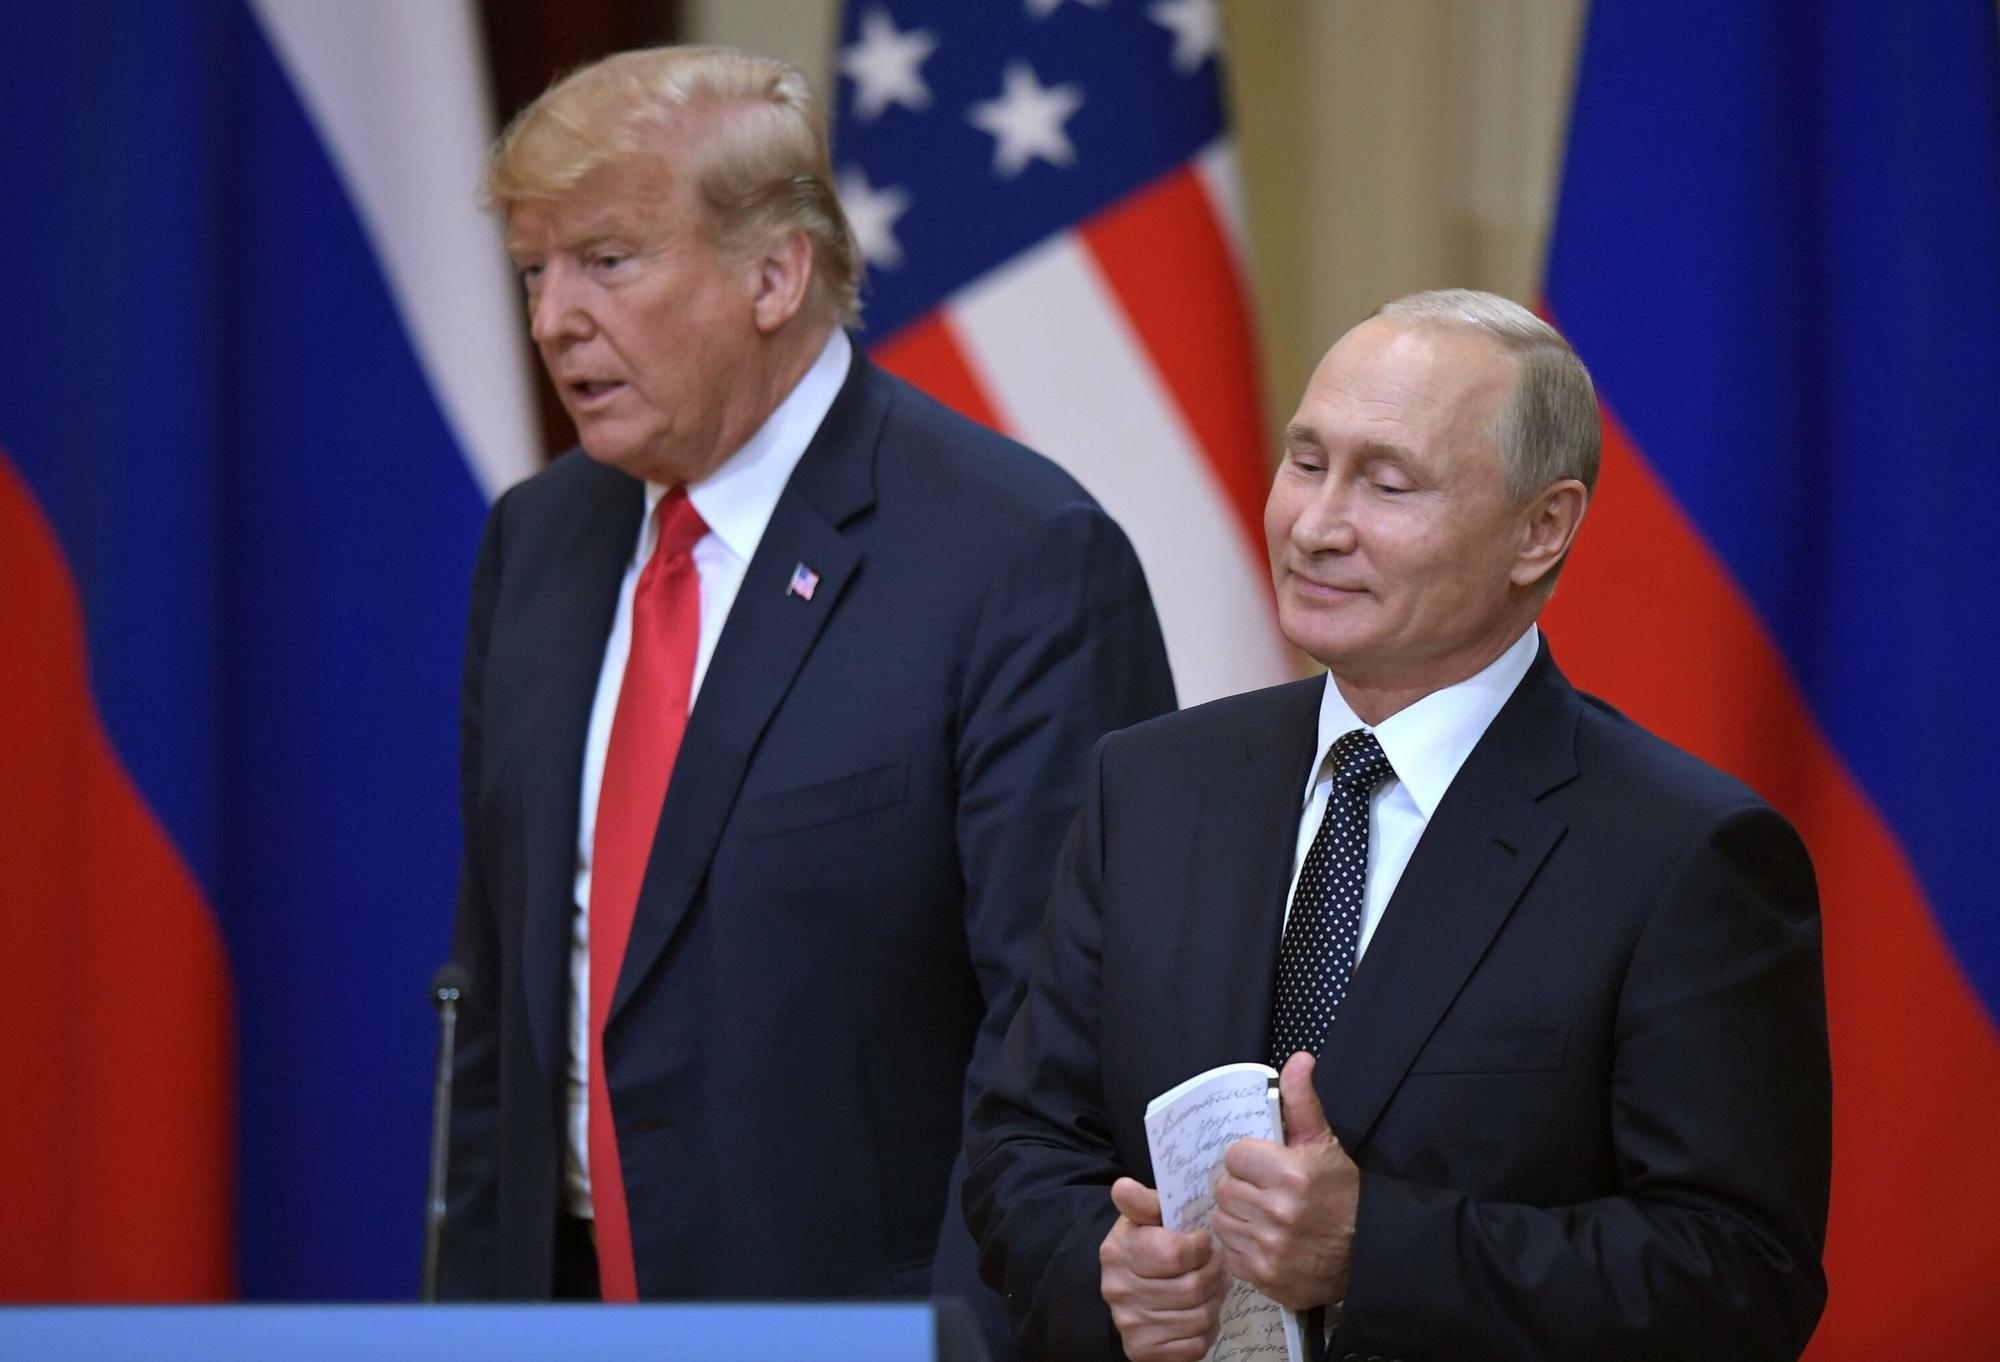 Các chuyên gia về Nga của Donald Trump giúp Biden chuẩn bị cho cuộc gặp với Putin  - Ảnh 1.